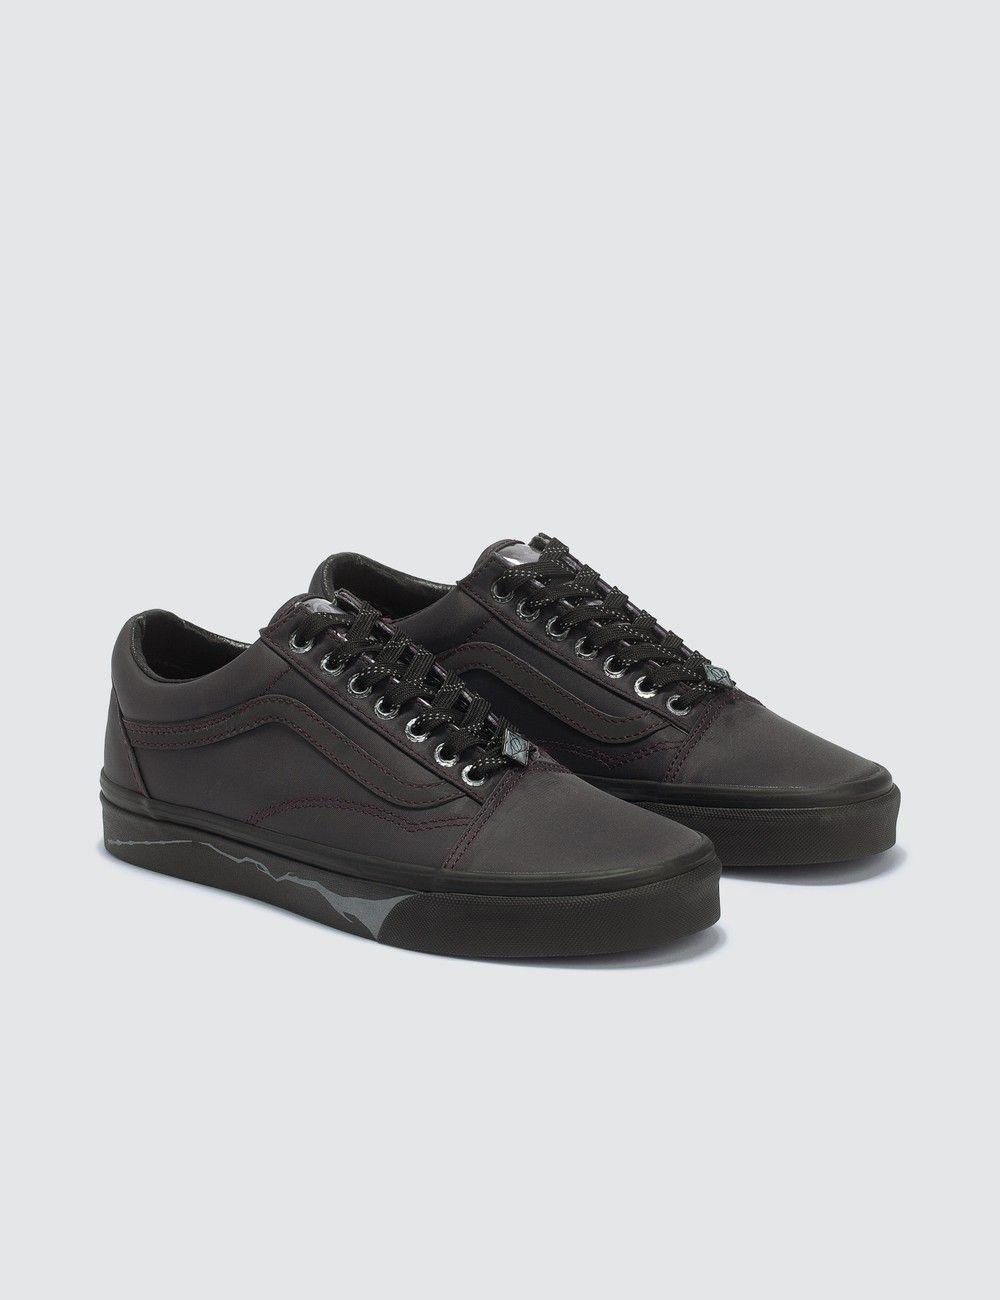 Vergleichen und bestellen Vans Gum Authentic Low top sneaker